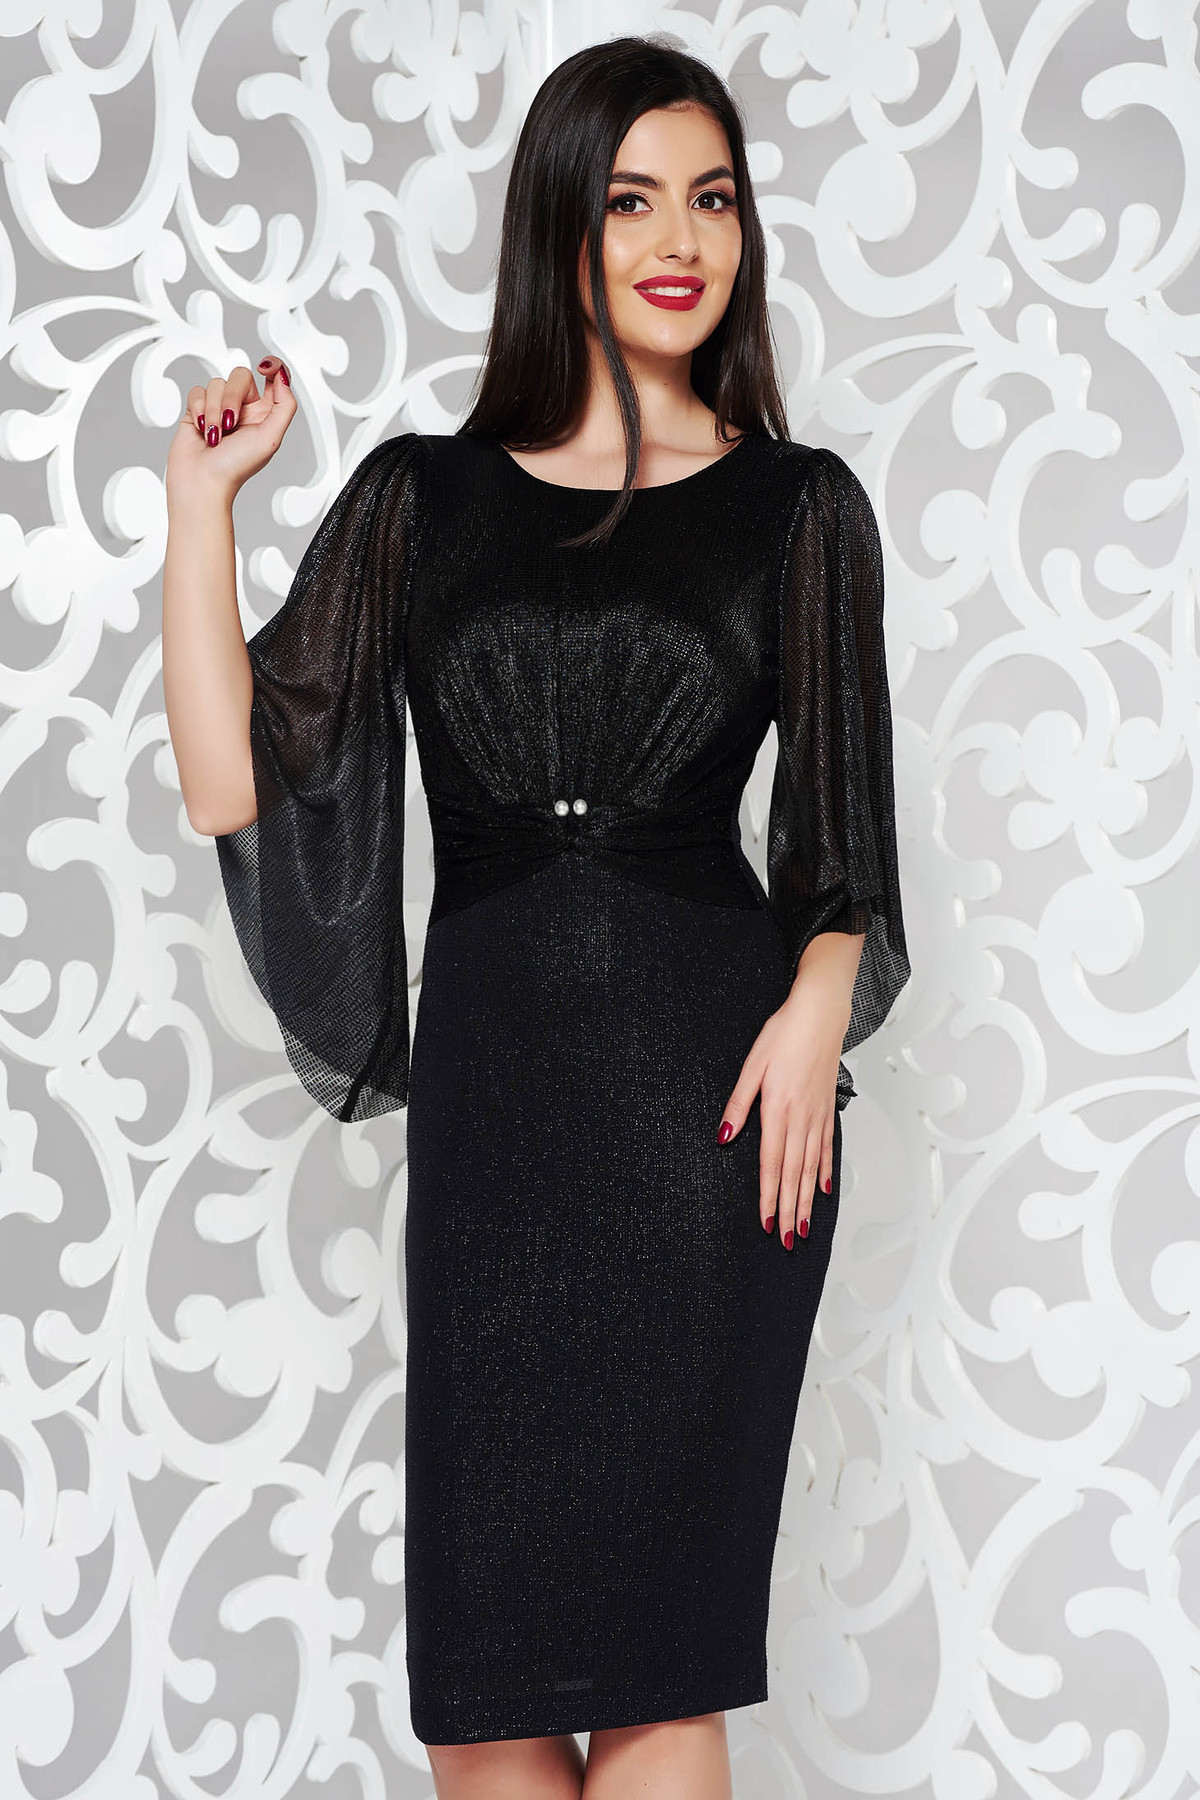 Rochie neagra de ocazie tip creion din material lucios captusita pe interior cu aplicatii cu perle